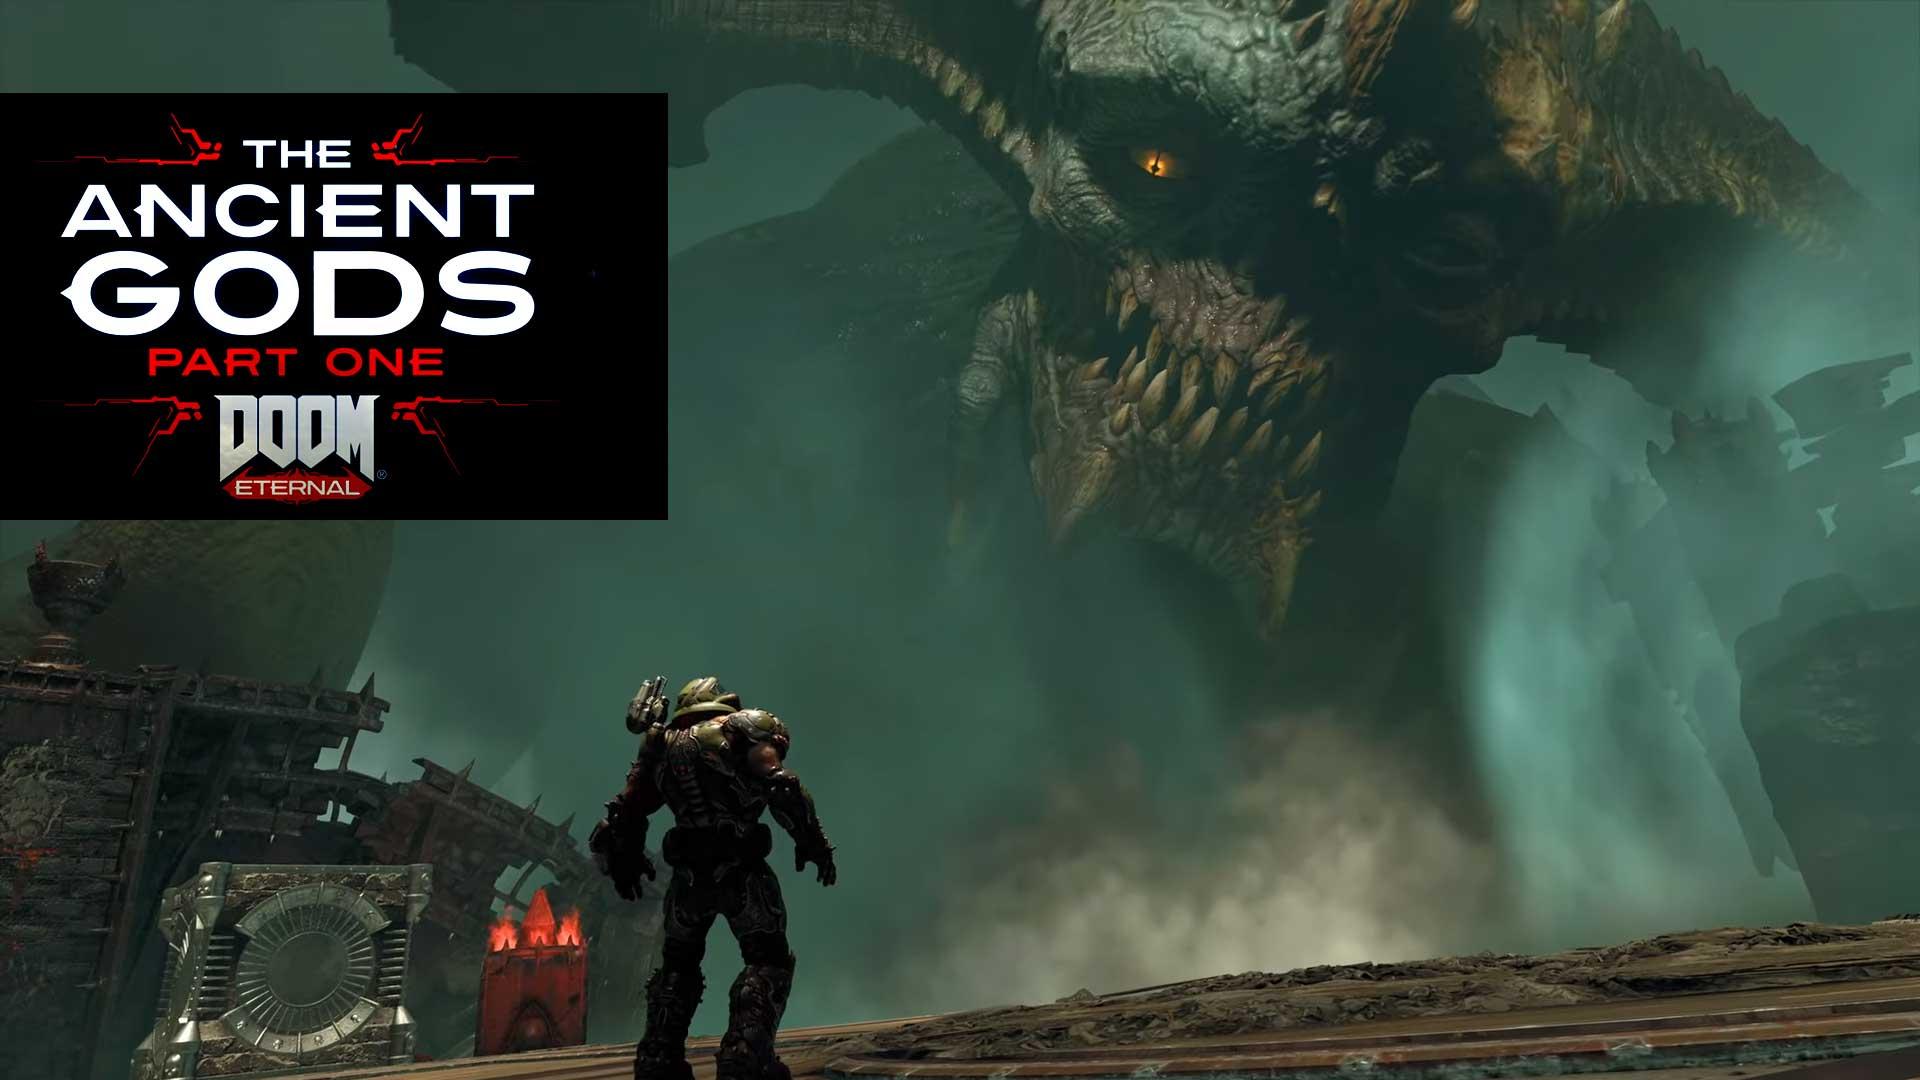 doom eternal the ancient gods release